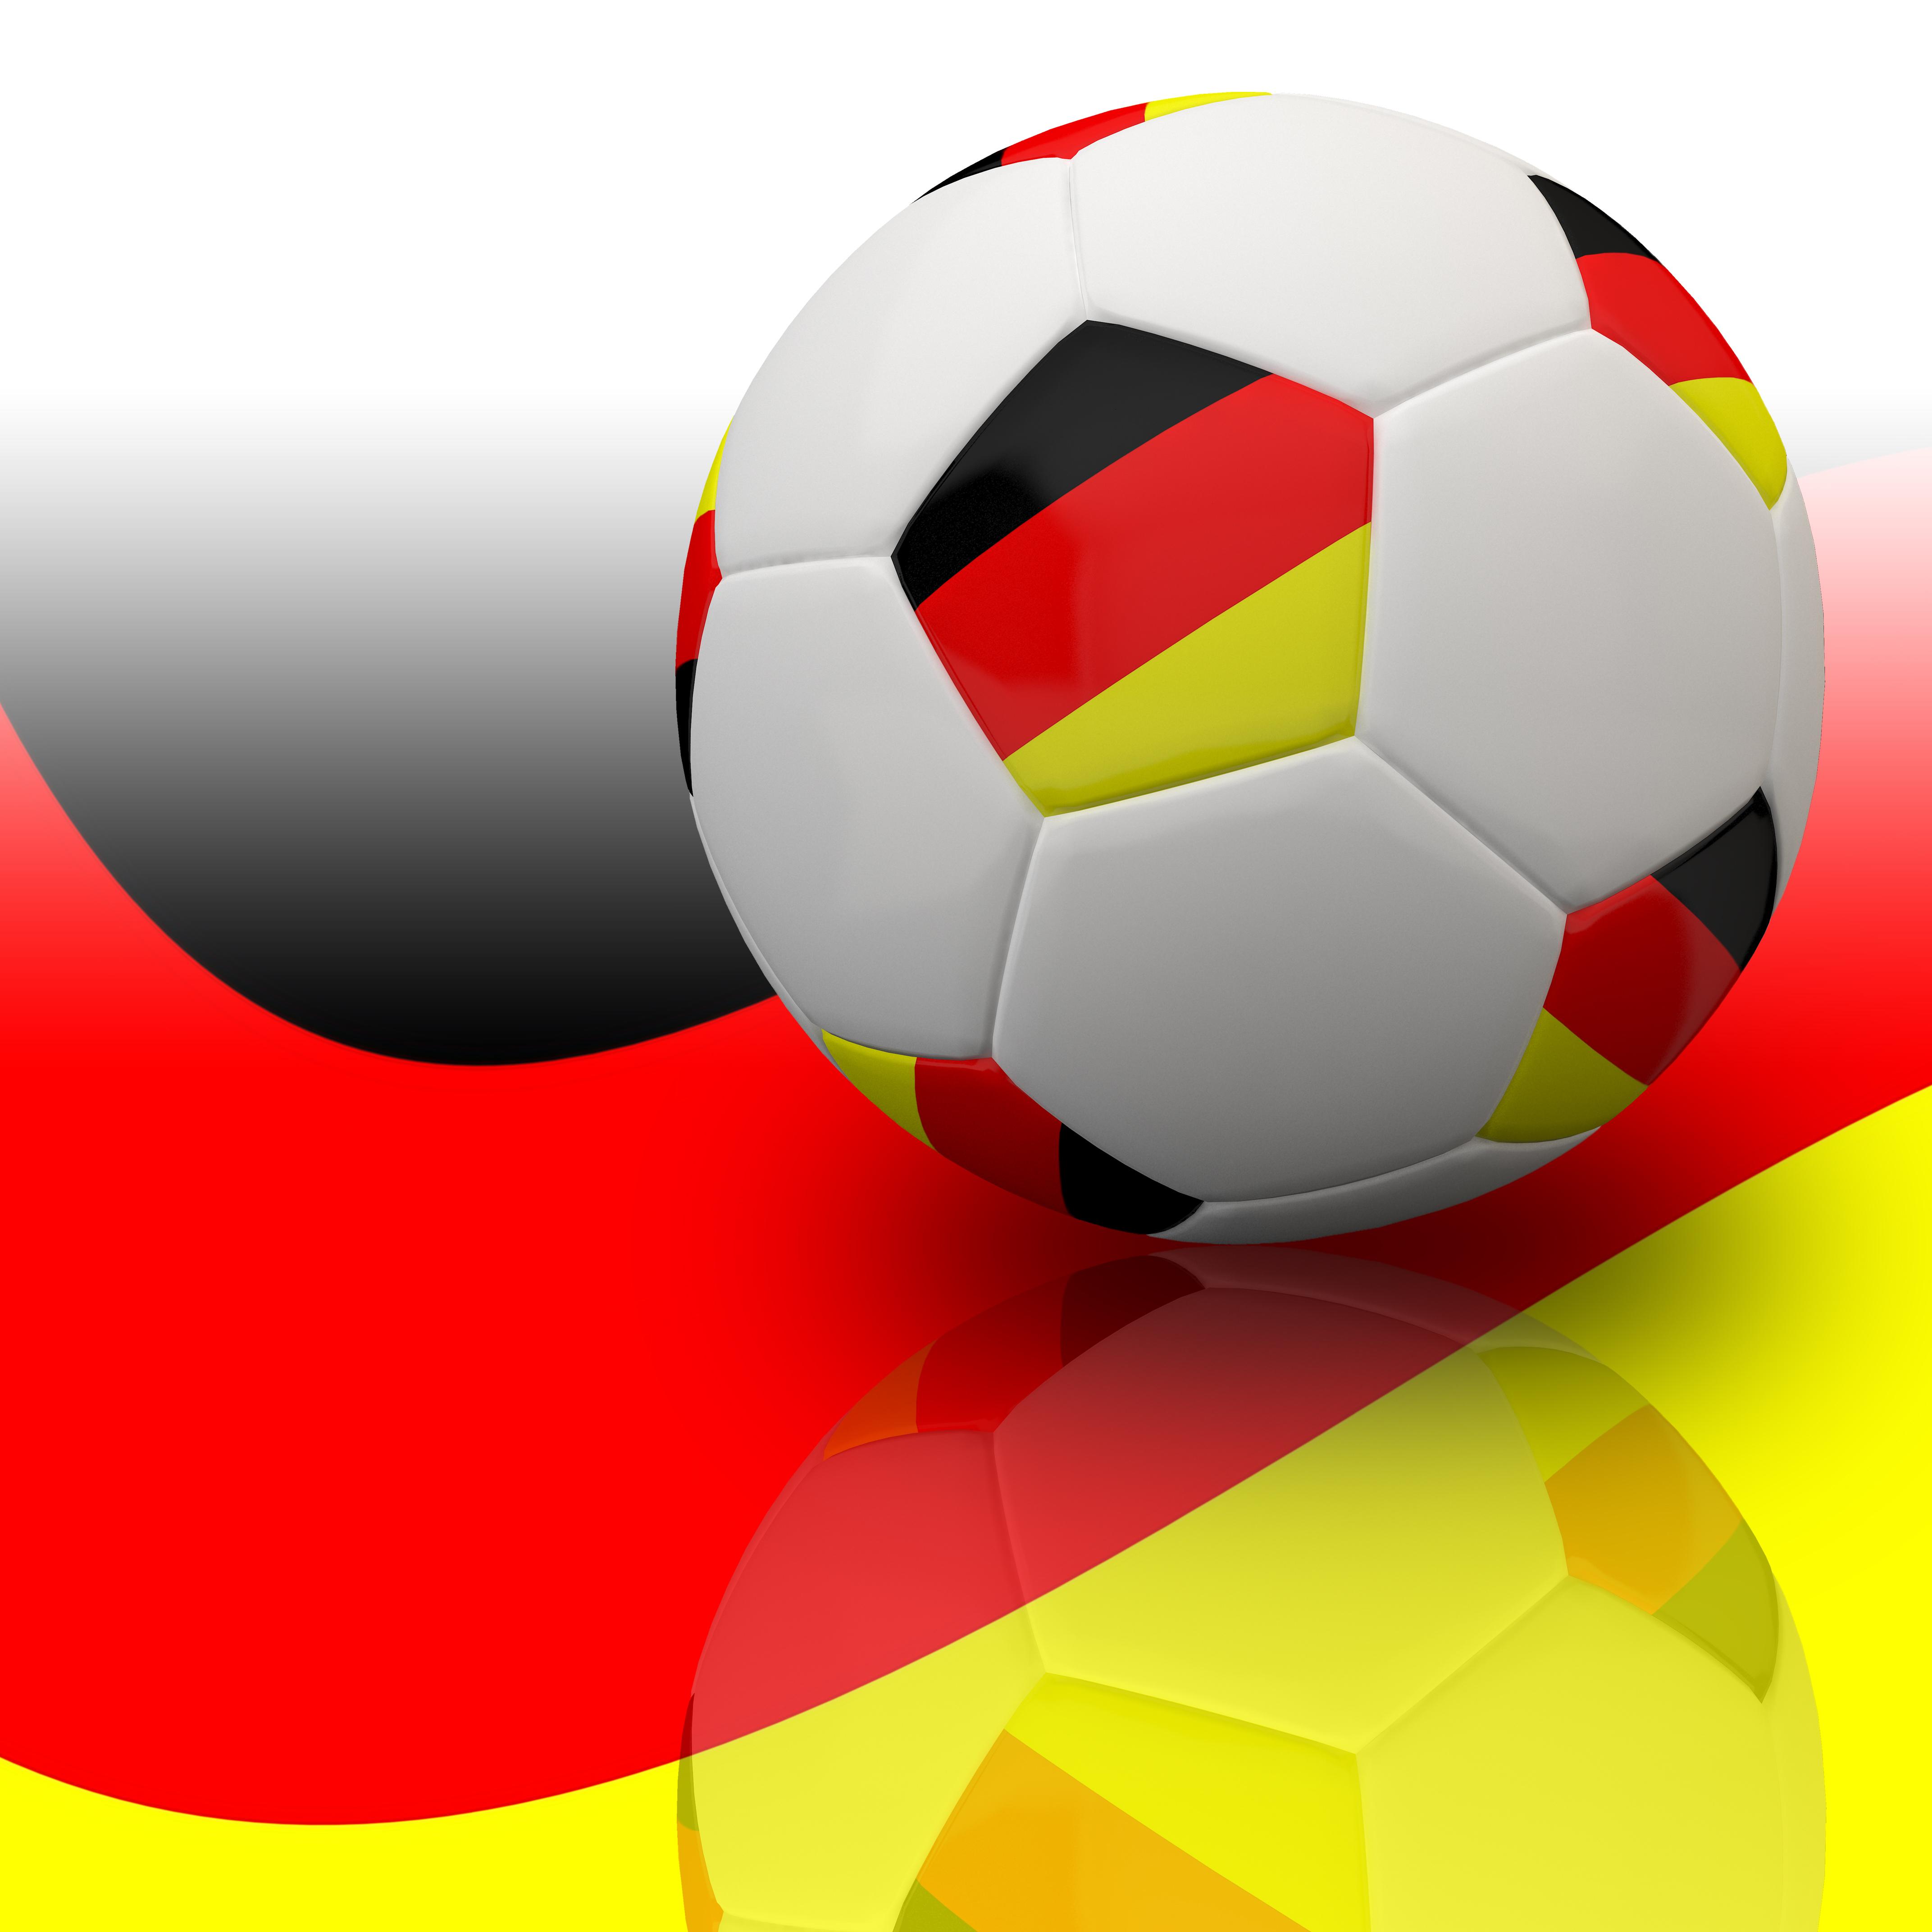 Bayern e Lipsia continuano a vincere, Leverkusen K.O. dal M'bach; 18a giornata di Bundesliga, primi risultati e classifica